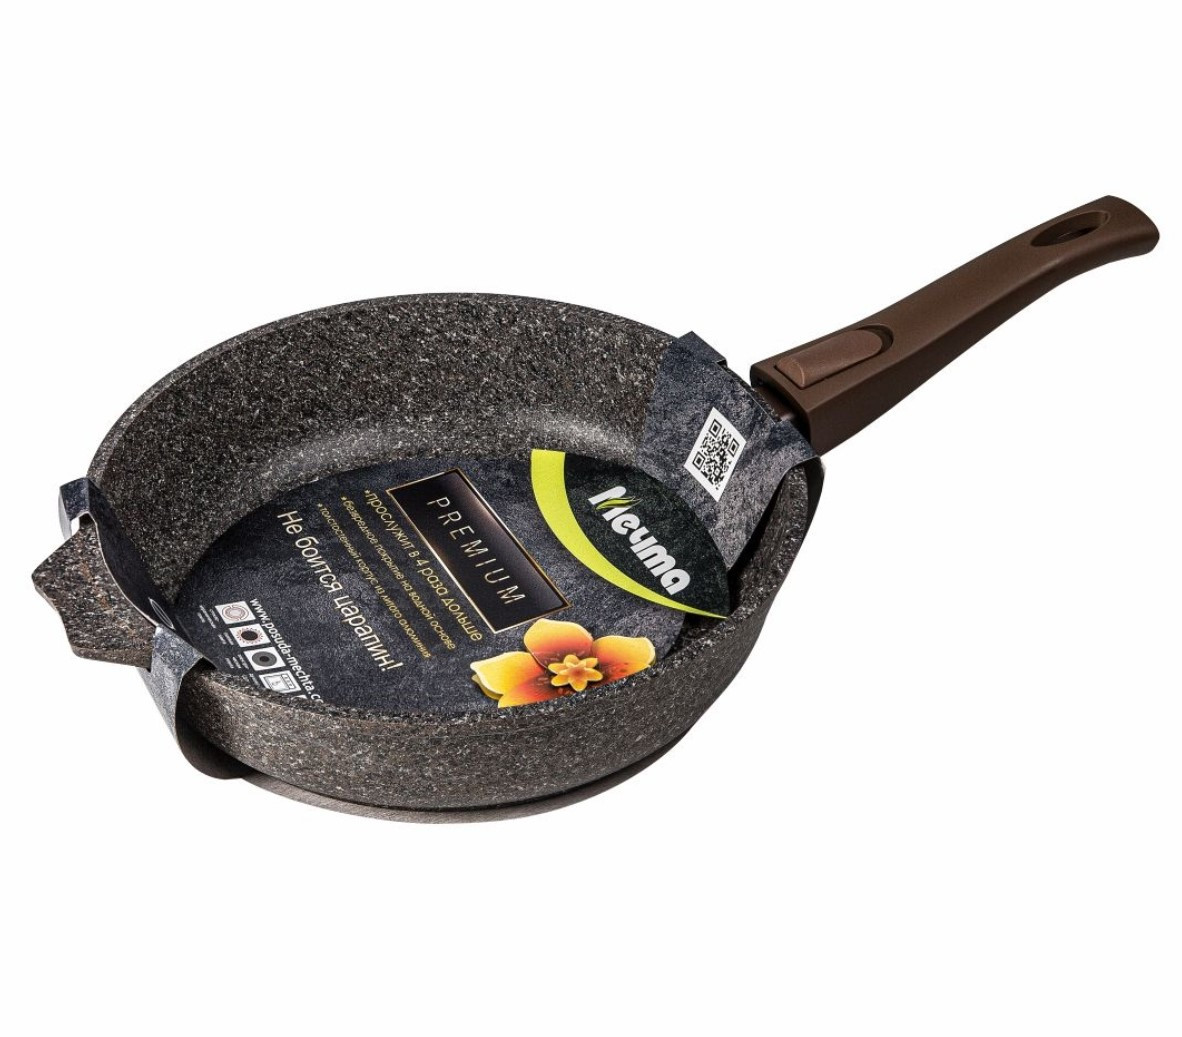 """Cковорода Мечта """"Premium"""" (mokko) 18 см. со съемной ручкой"""